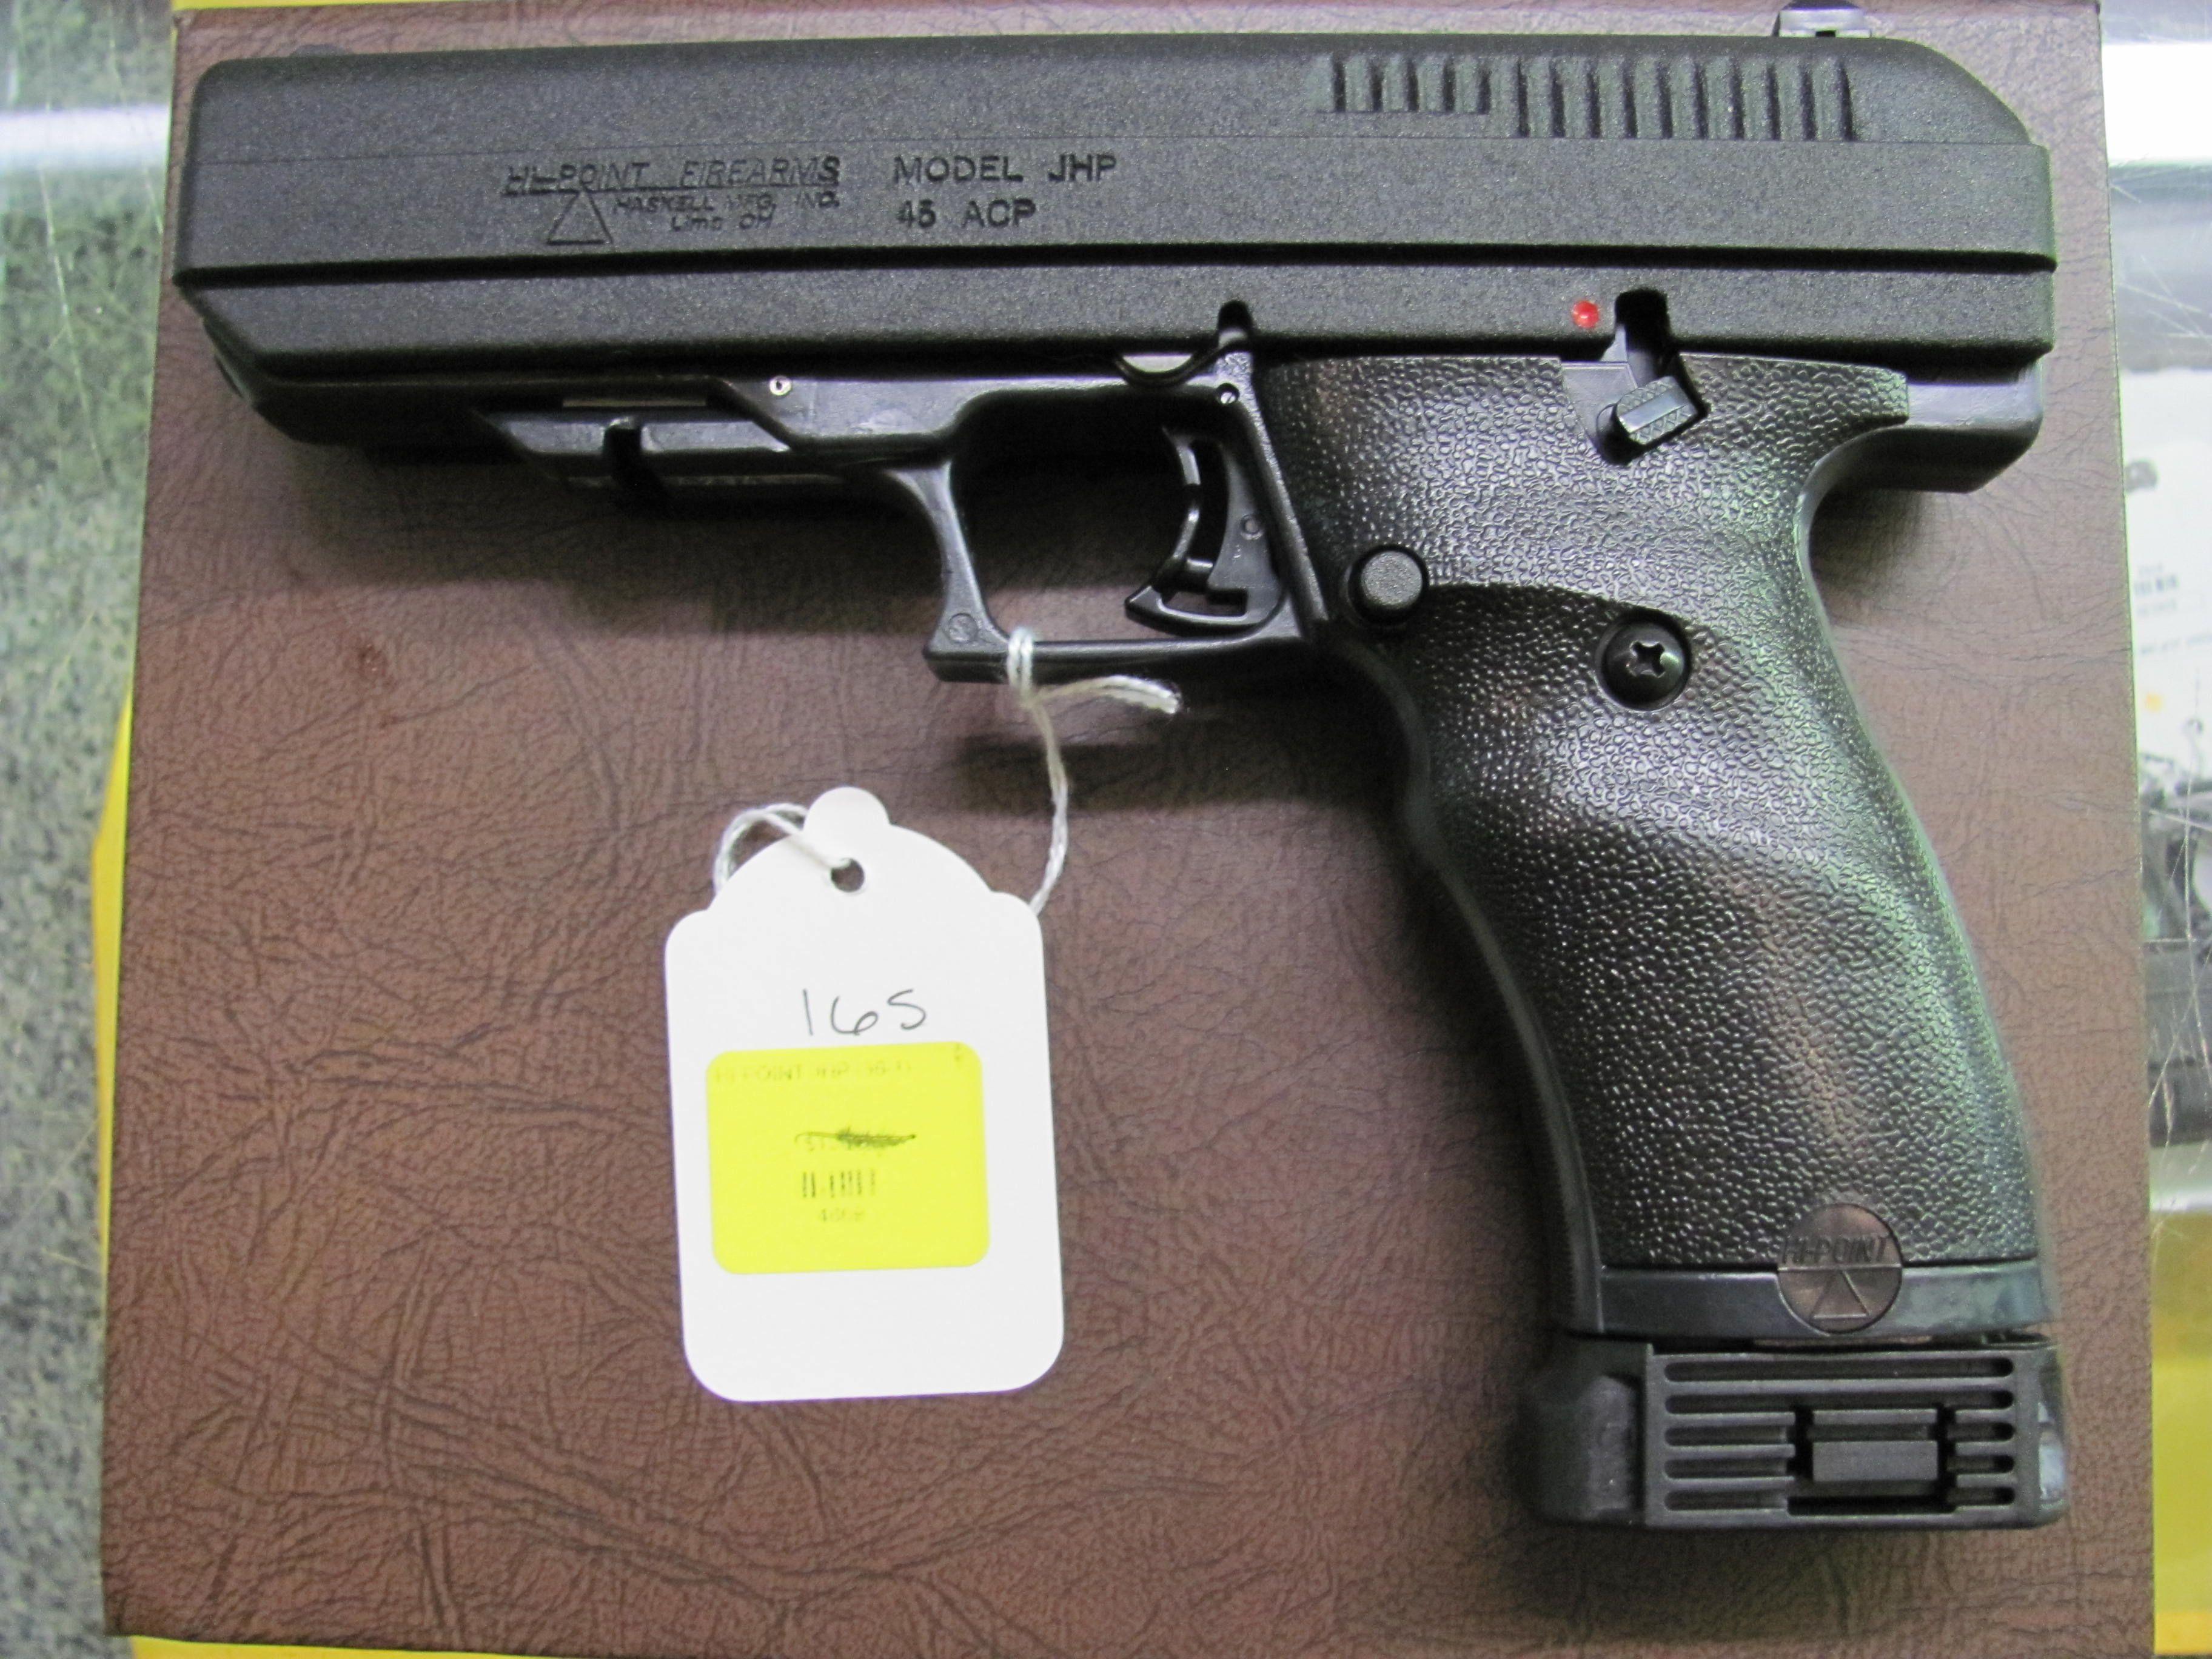 Pin by RAE Industries on Hi Point | Hand guns, 45 acp, Guns